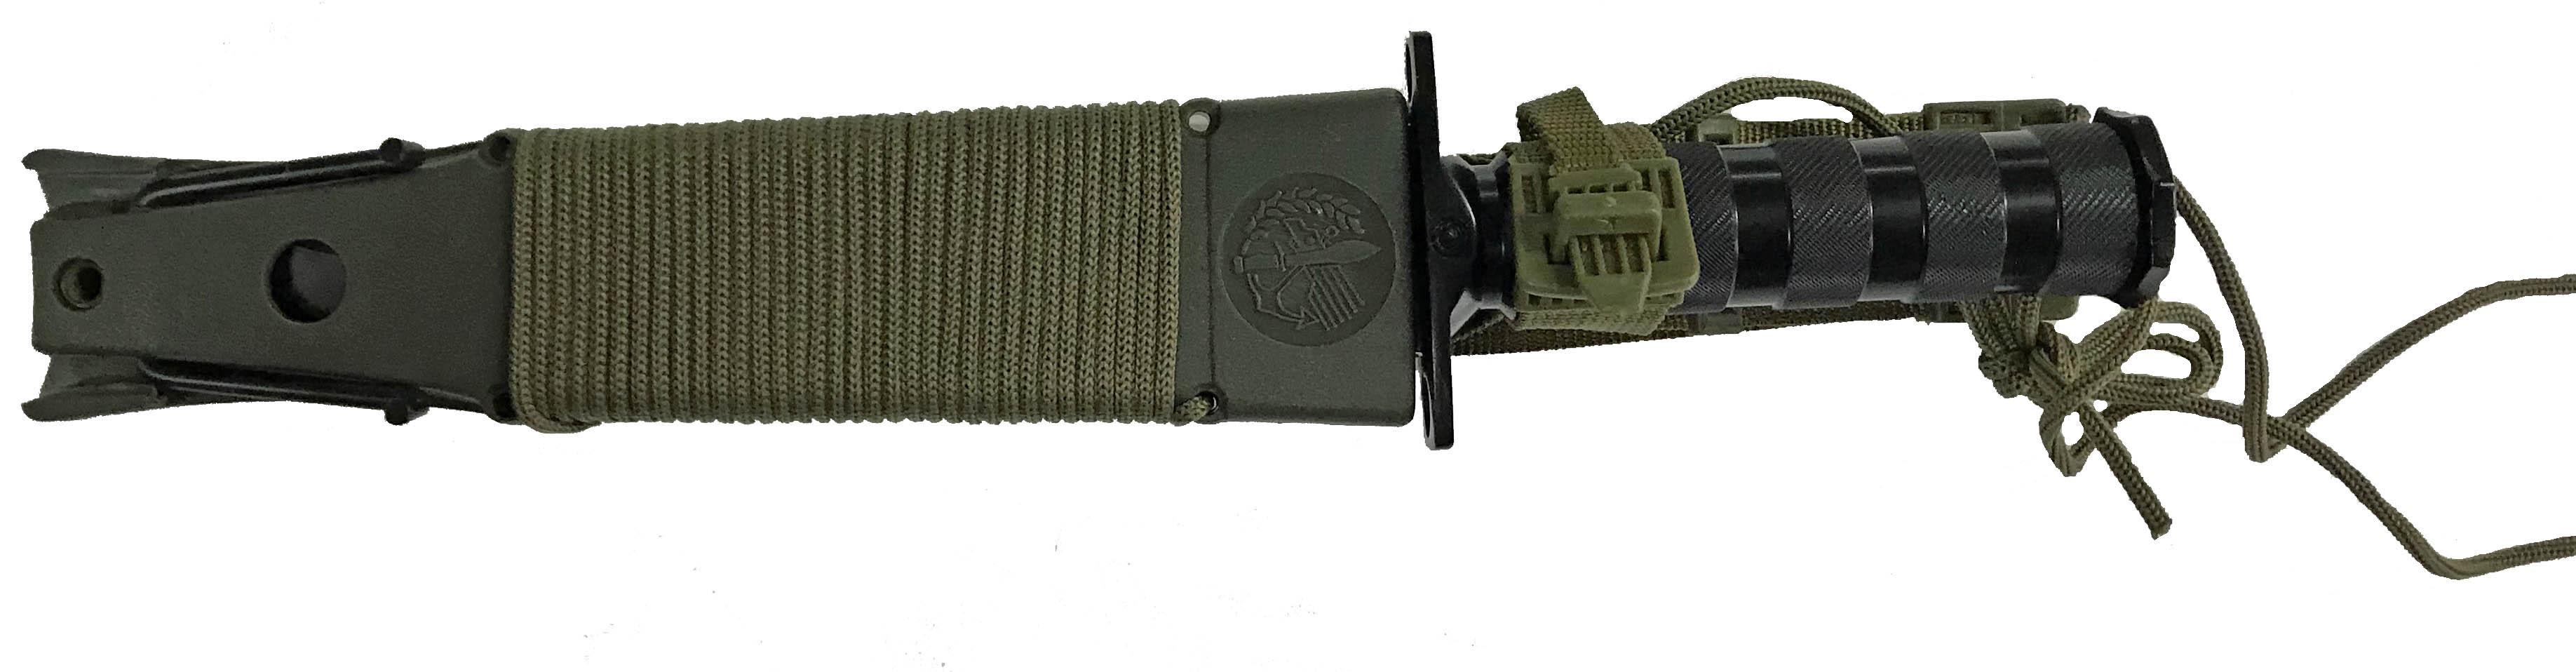 Couteau de survie 11001(nouveau modèle)